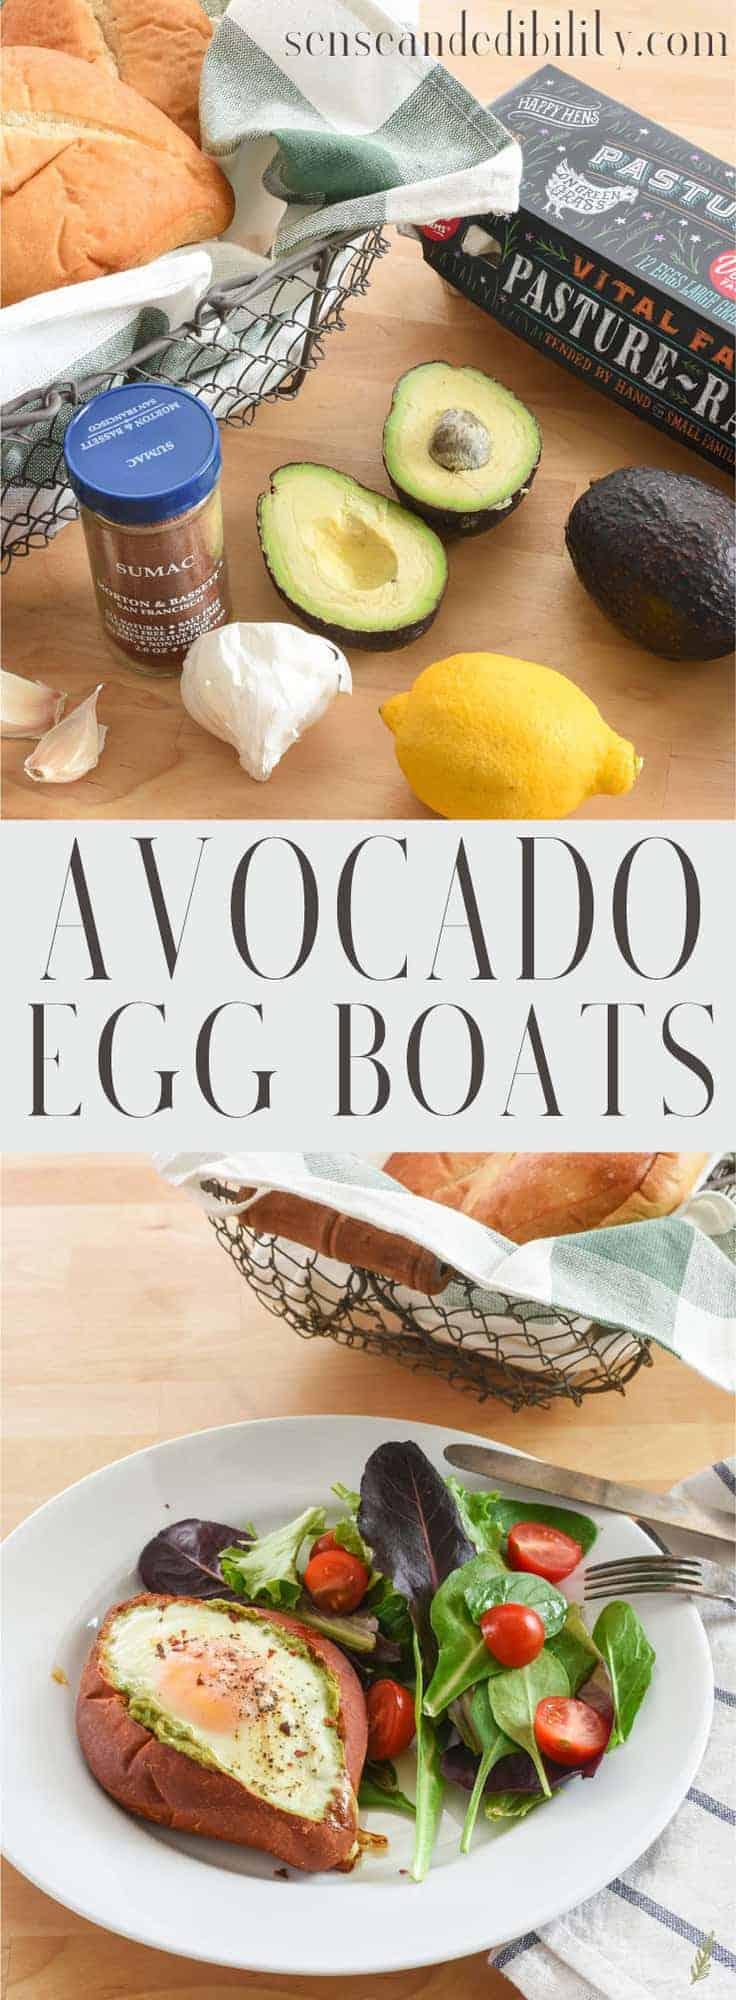 Sense & Edibility's Avocado Egg Boats Pin